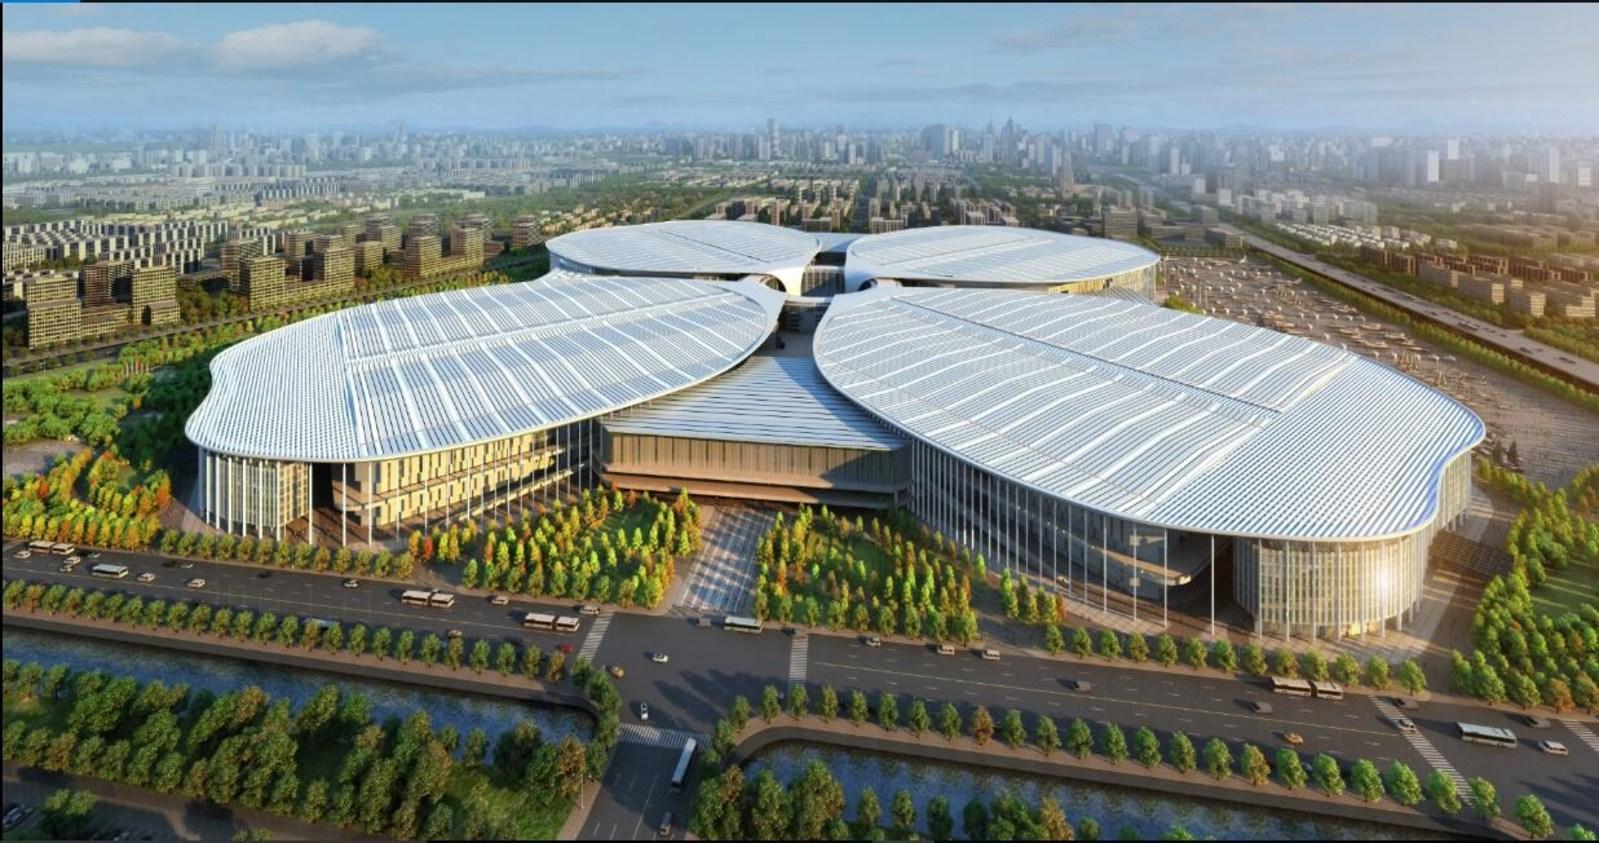 Shanghai matchmaking Expo 2014